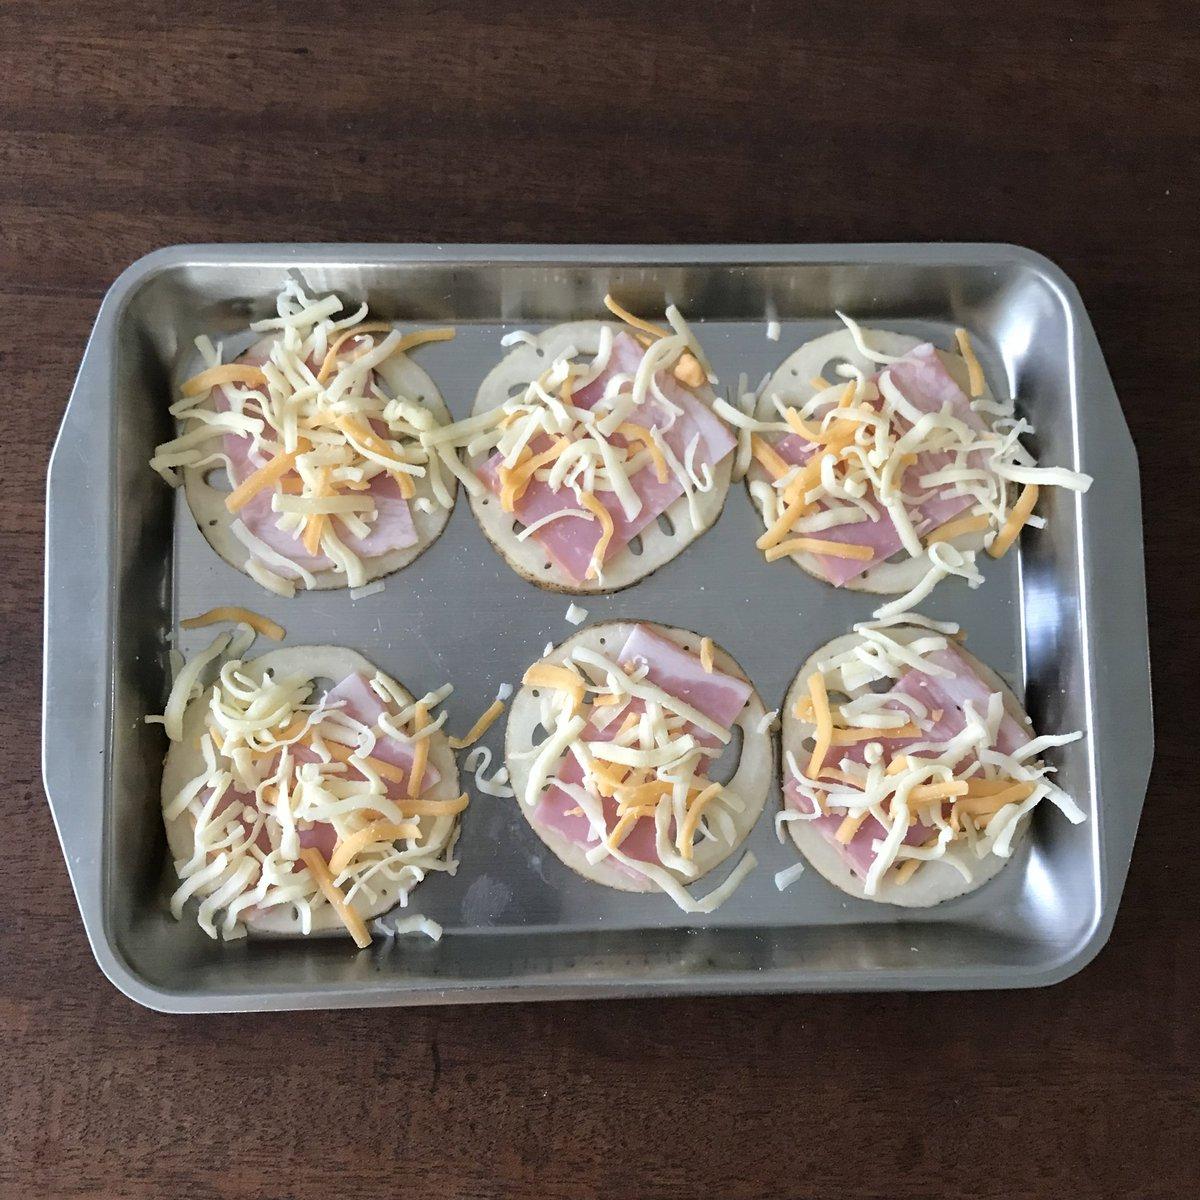 必要な材料はたった3つ!切って挟んで焼けば完成の、簡単でとっても美味しそうな料理のレシピ!